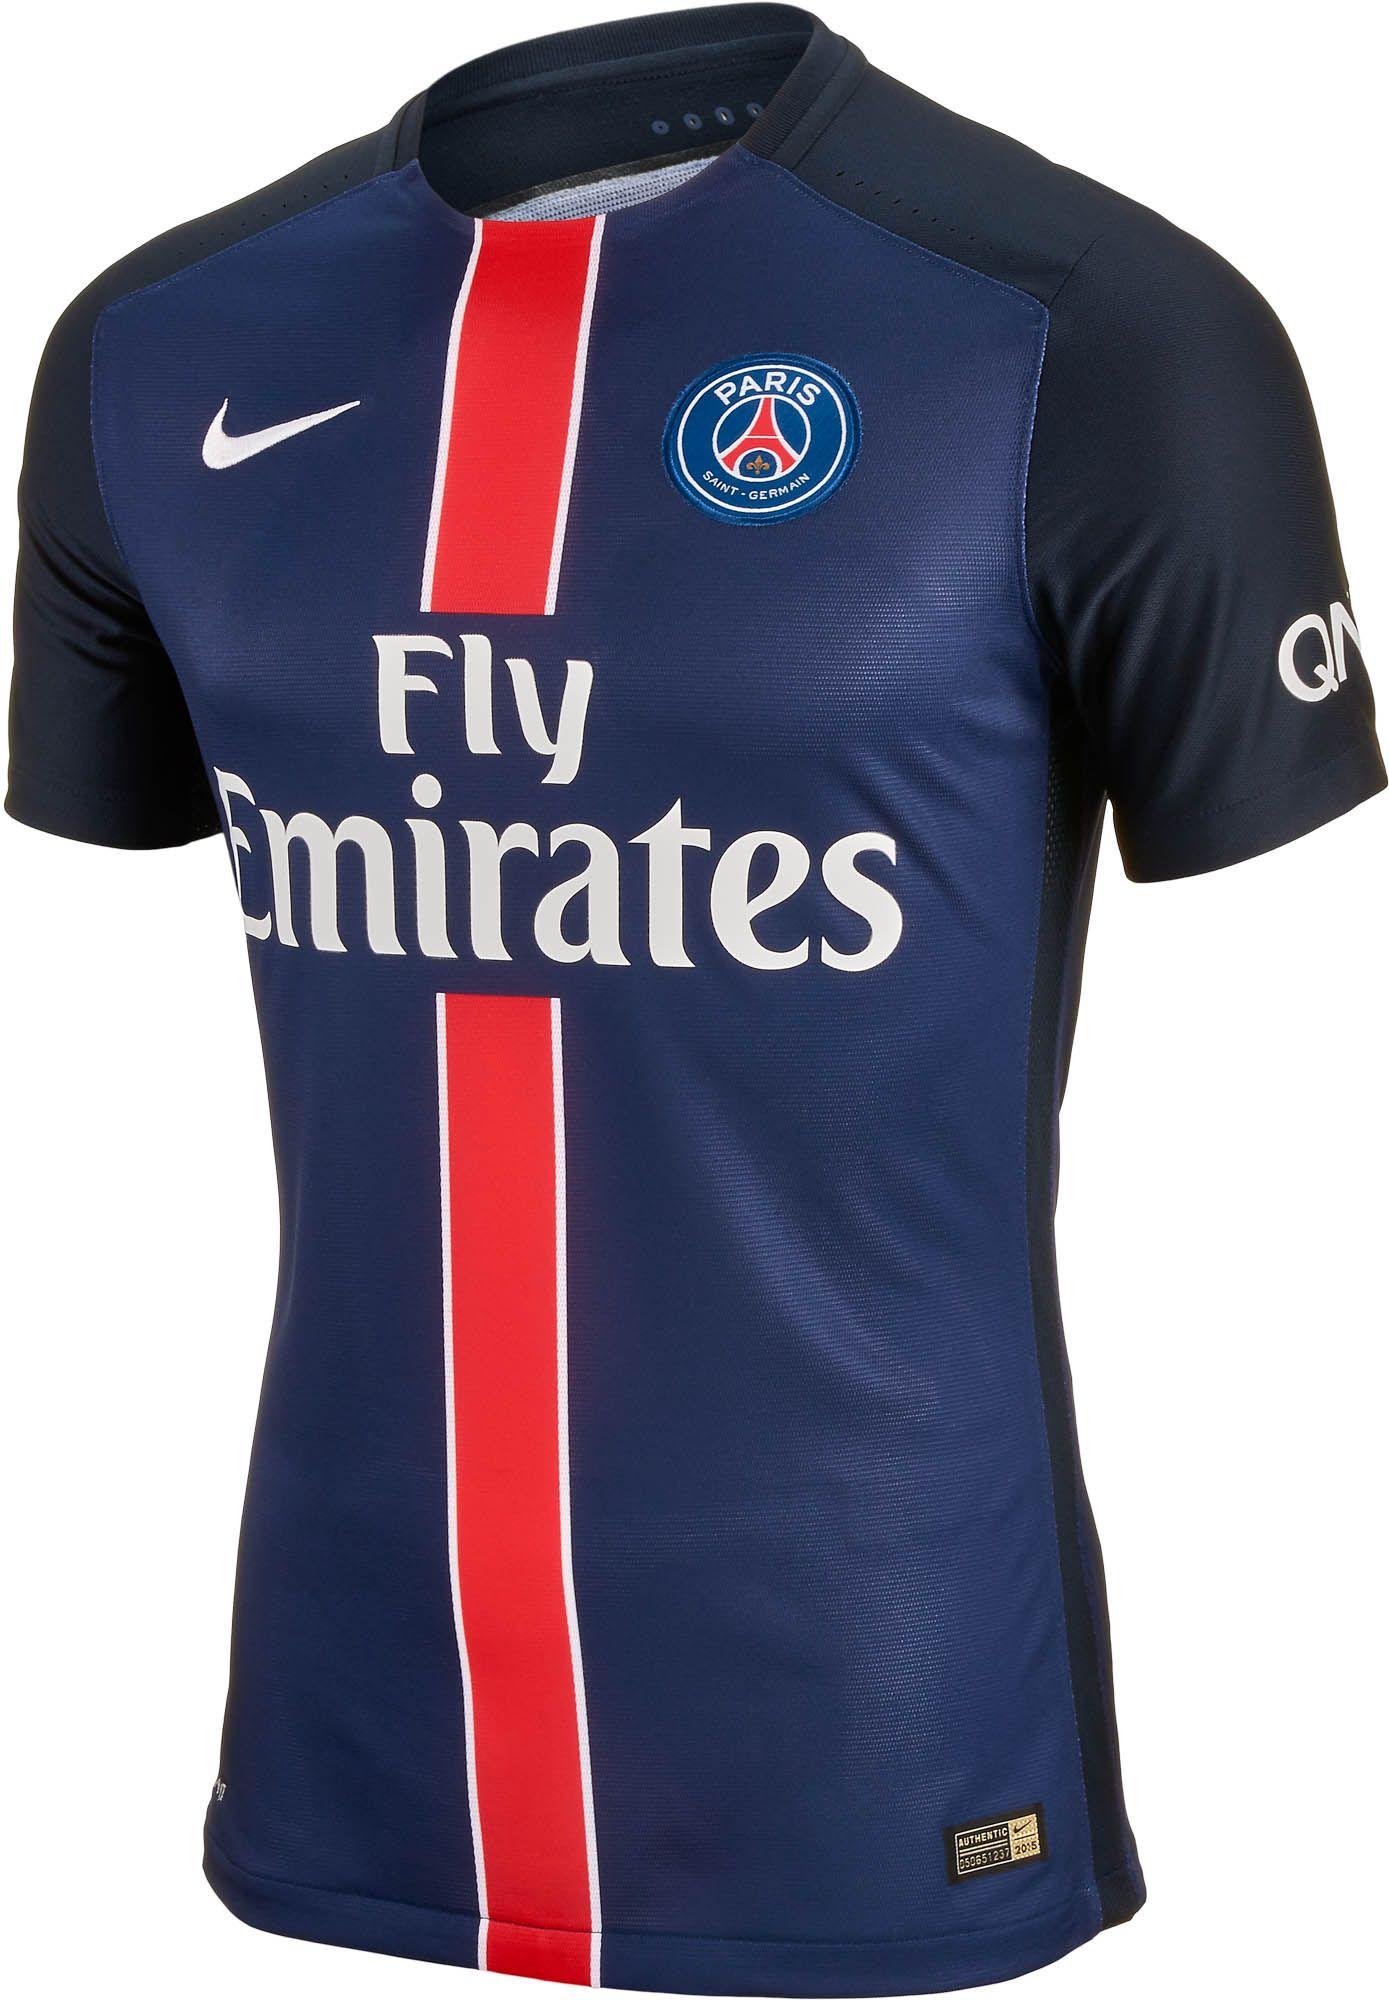 PSG  Nike kit  9ine  8df837079effd